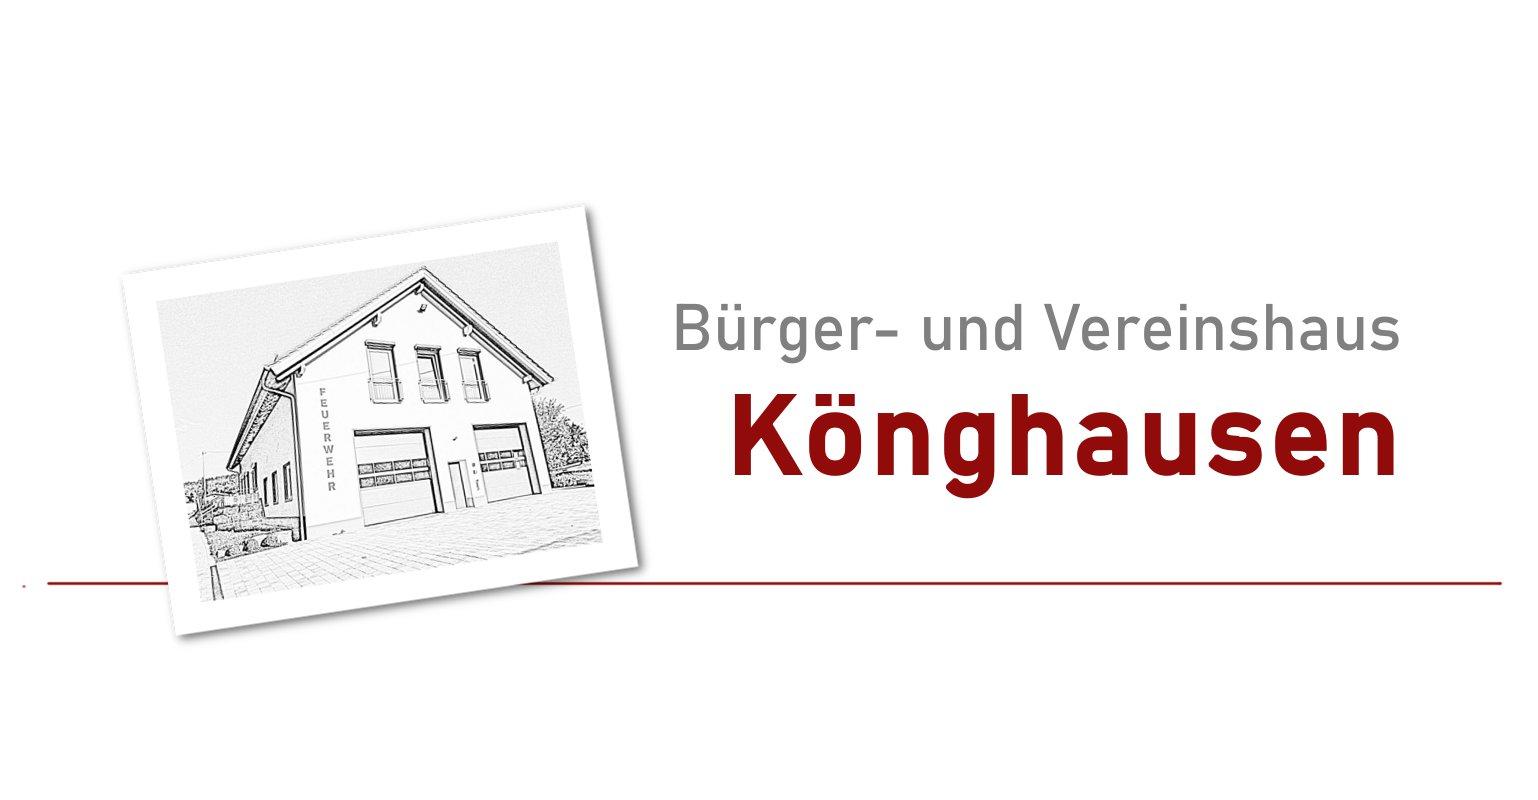 Bürger- und Vereinshaus